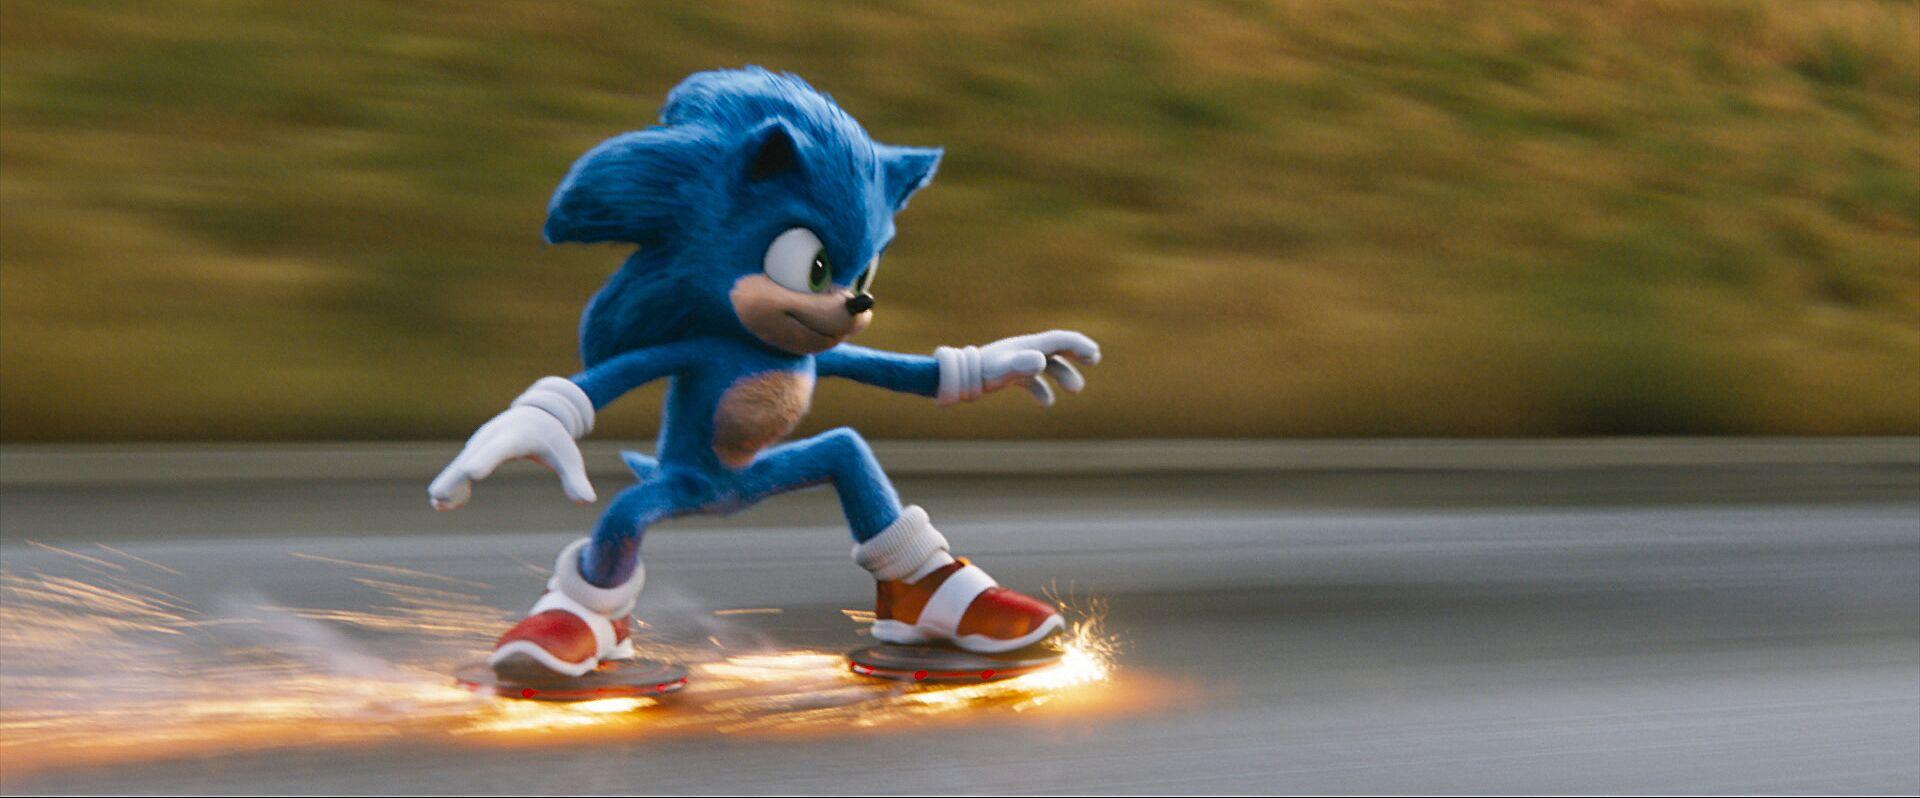 Sonic flitzt über eine Straße und schlägt dabei Funken